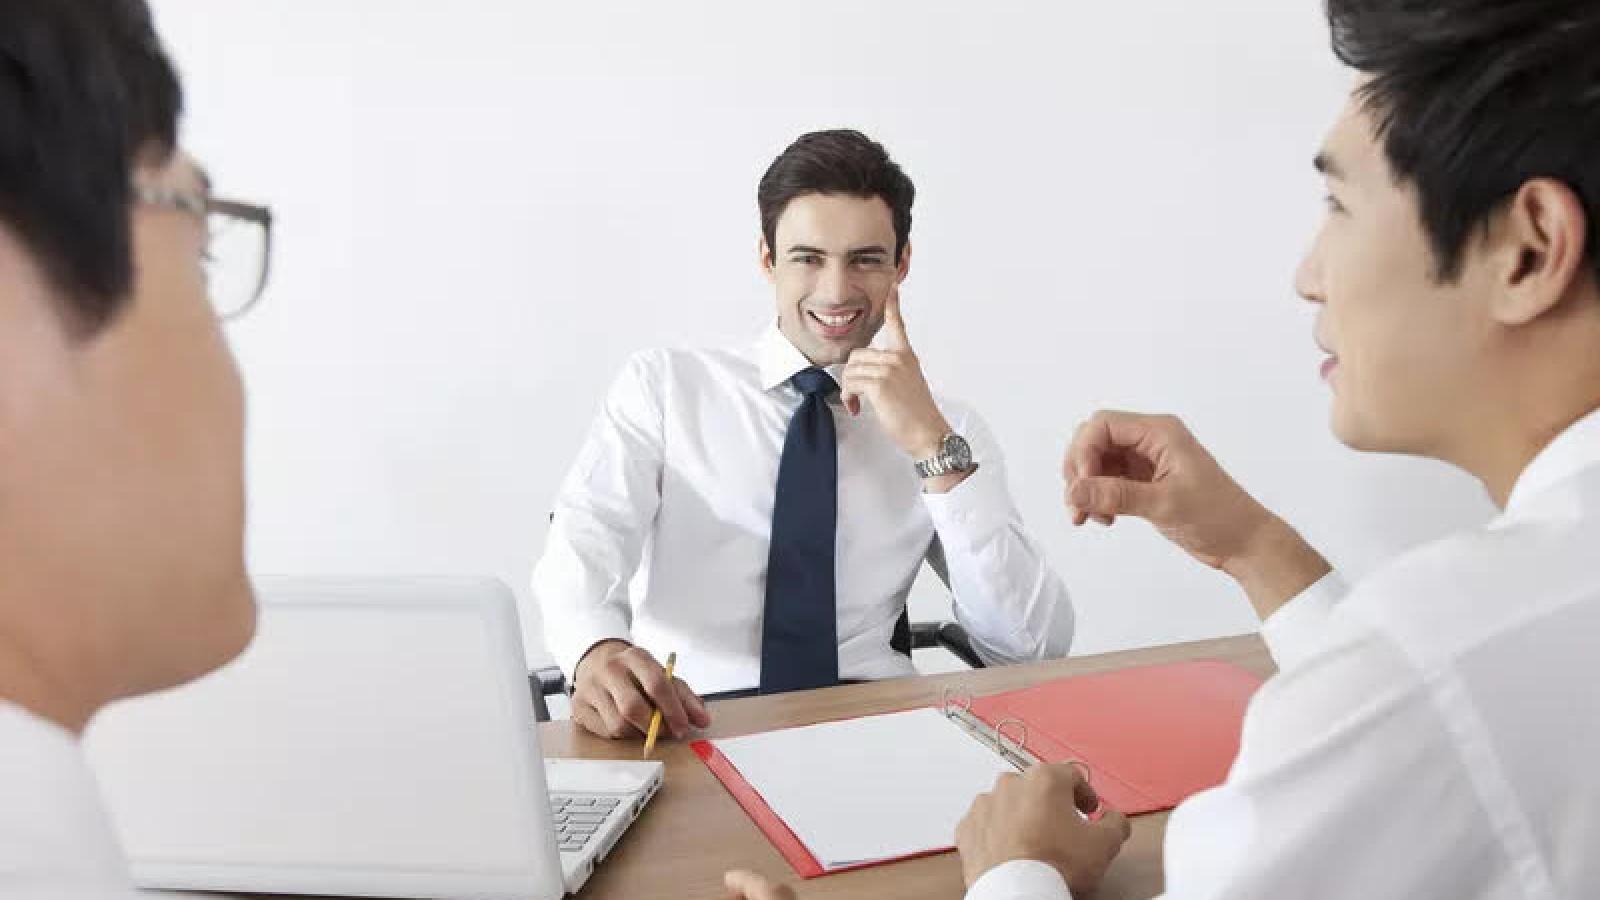 Mẹo mách bạn nên mặc gì cho buổi phỏng vấn?